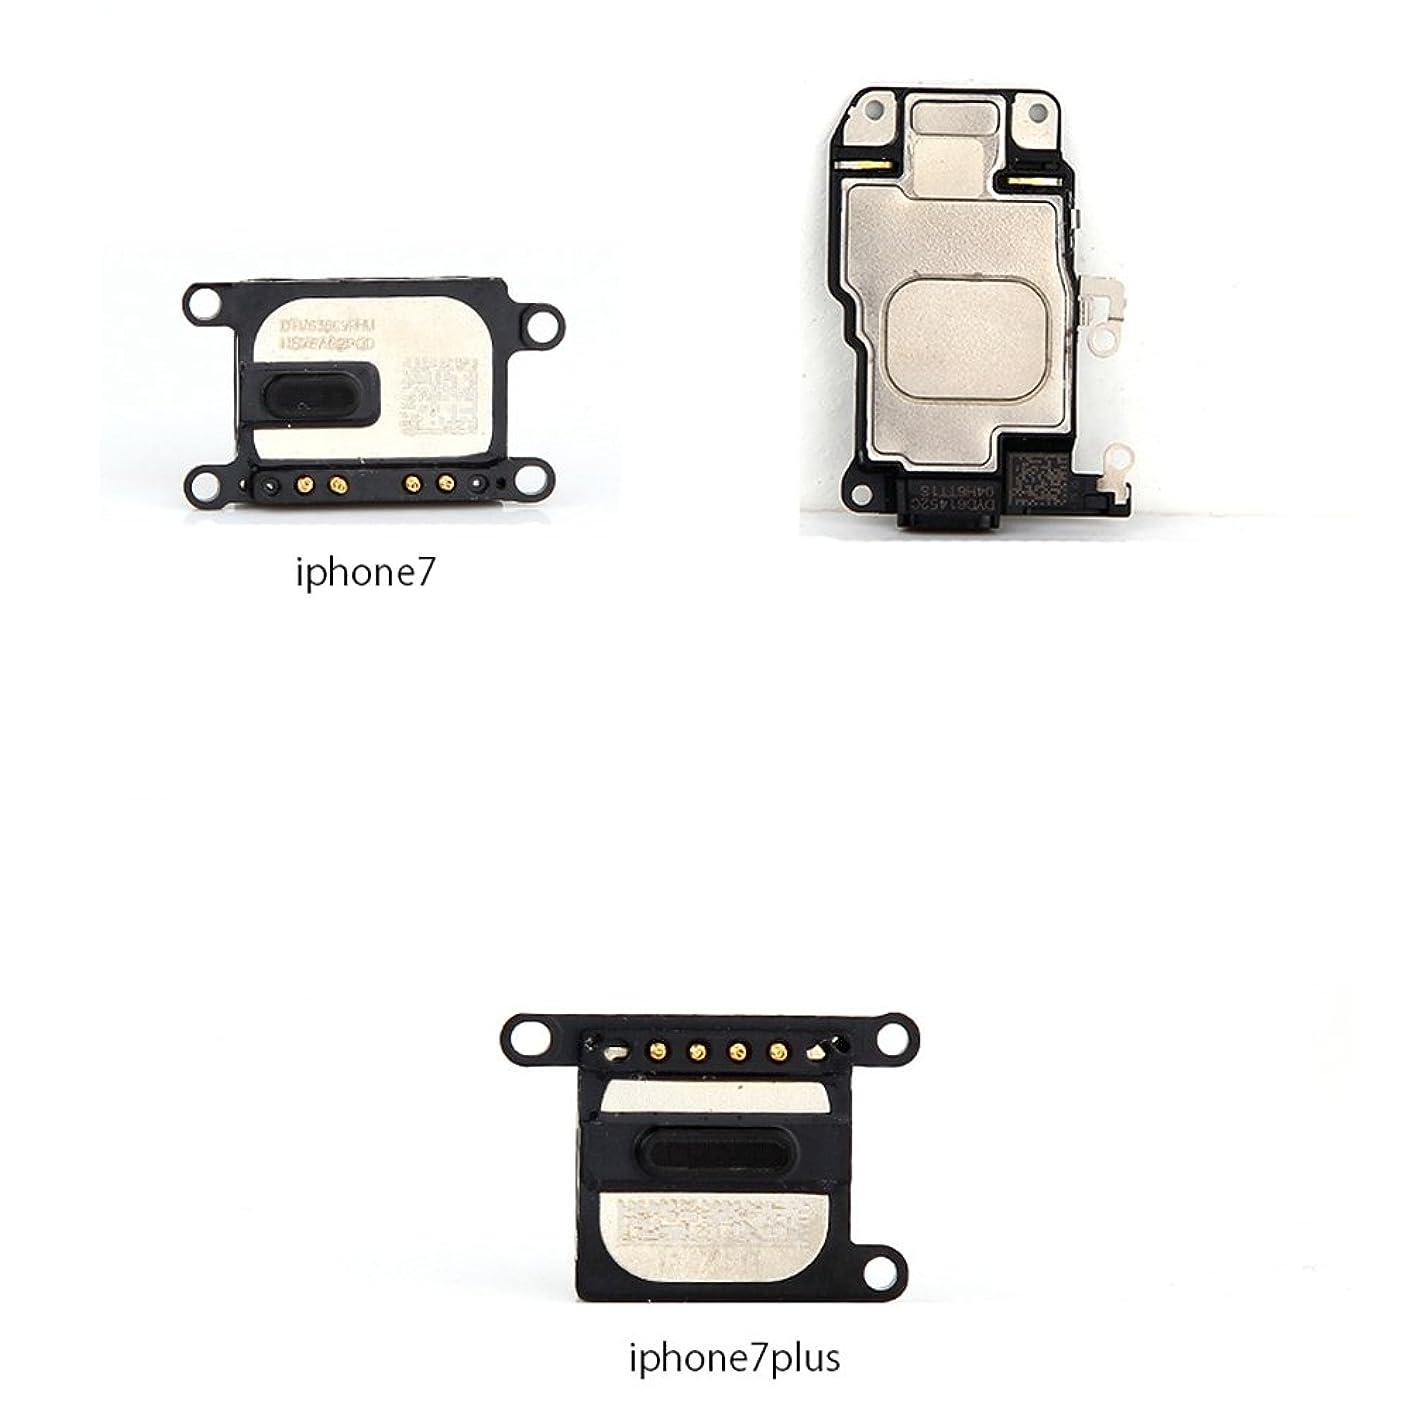 意気揚々ピンク正当なLanfy ランフィー iphone イヤースピーカー 修理 交換用 リペアパーツ パーツ ツール iphone5 iphone5s iphone5c iphone6 iphone6plus  iphone6s iphone6splus iphone7 iphone7plus 対応